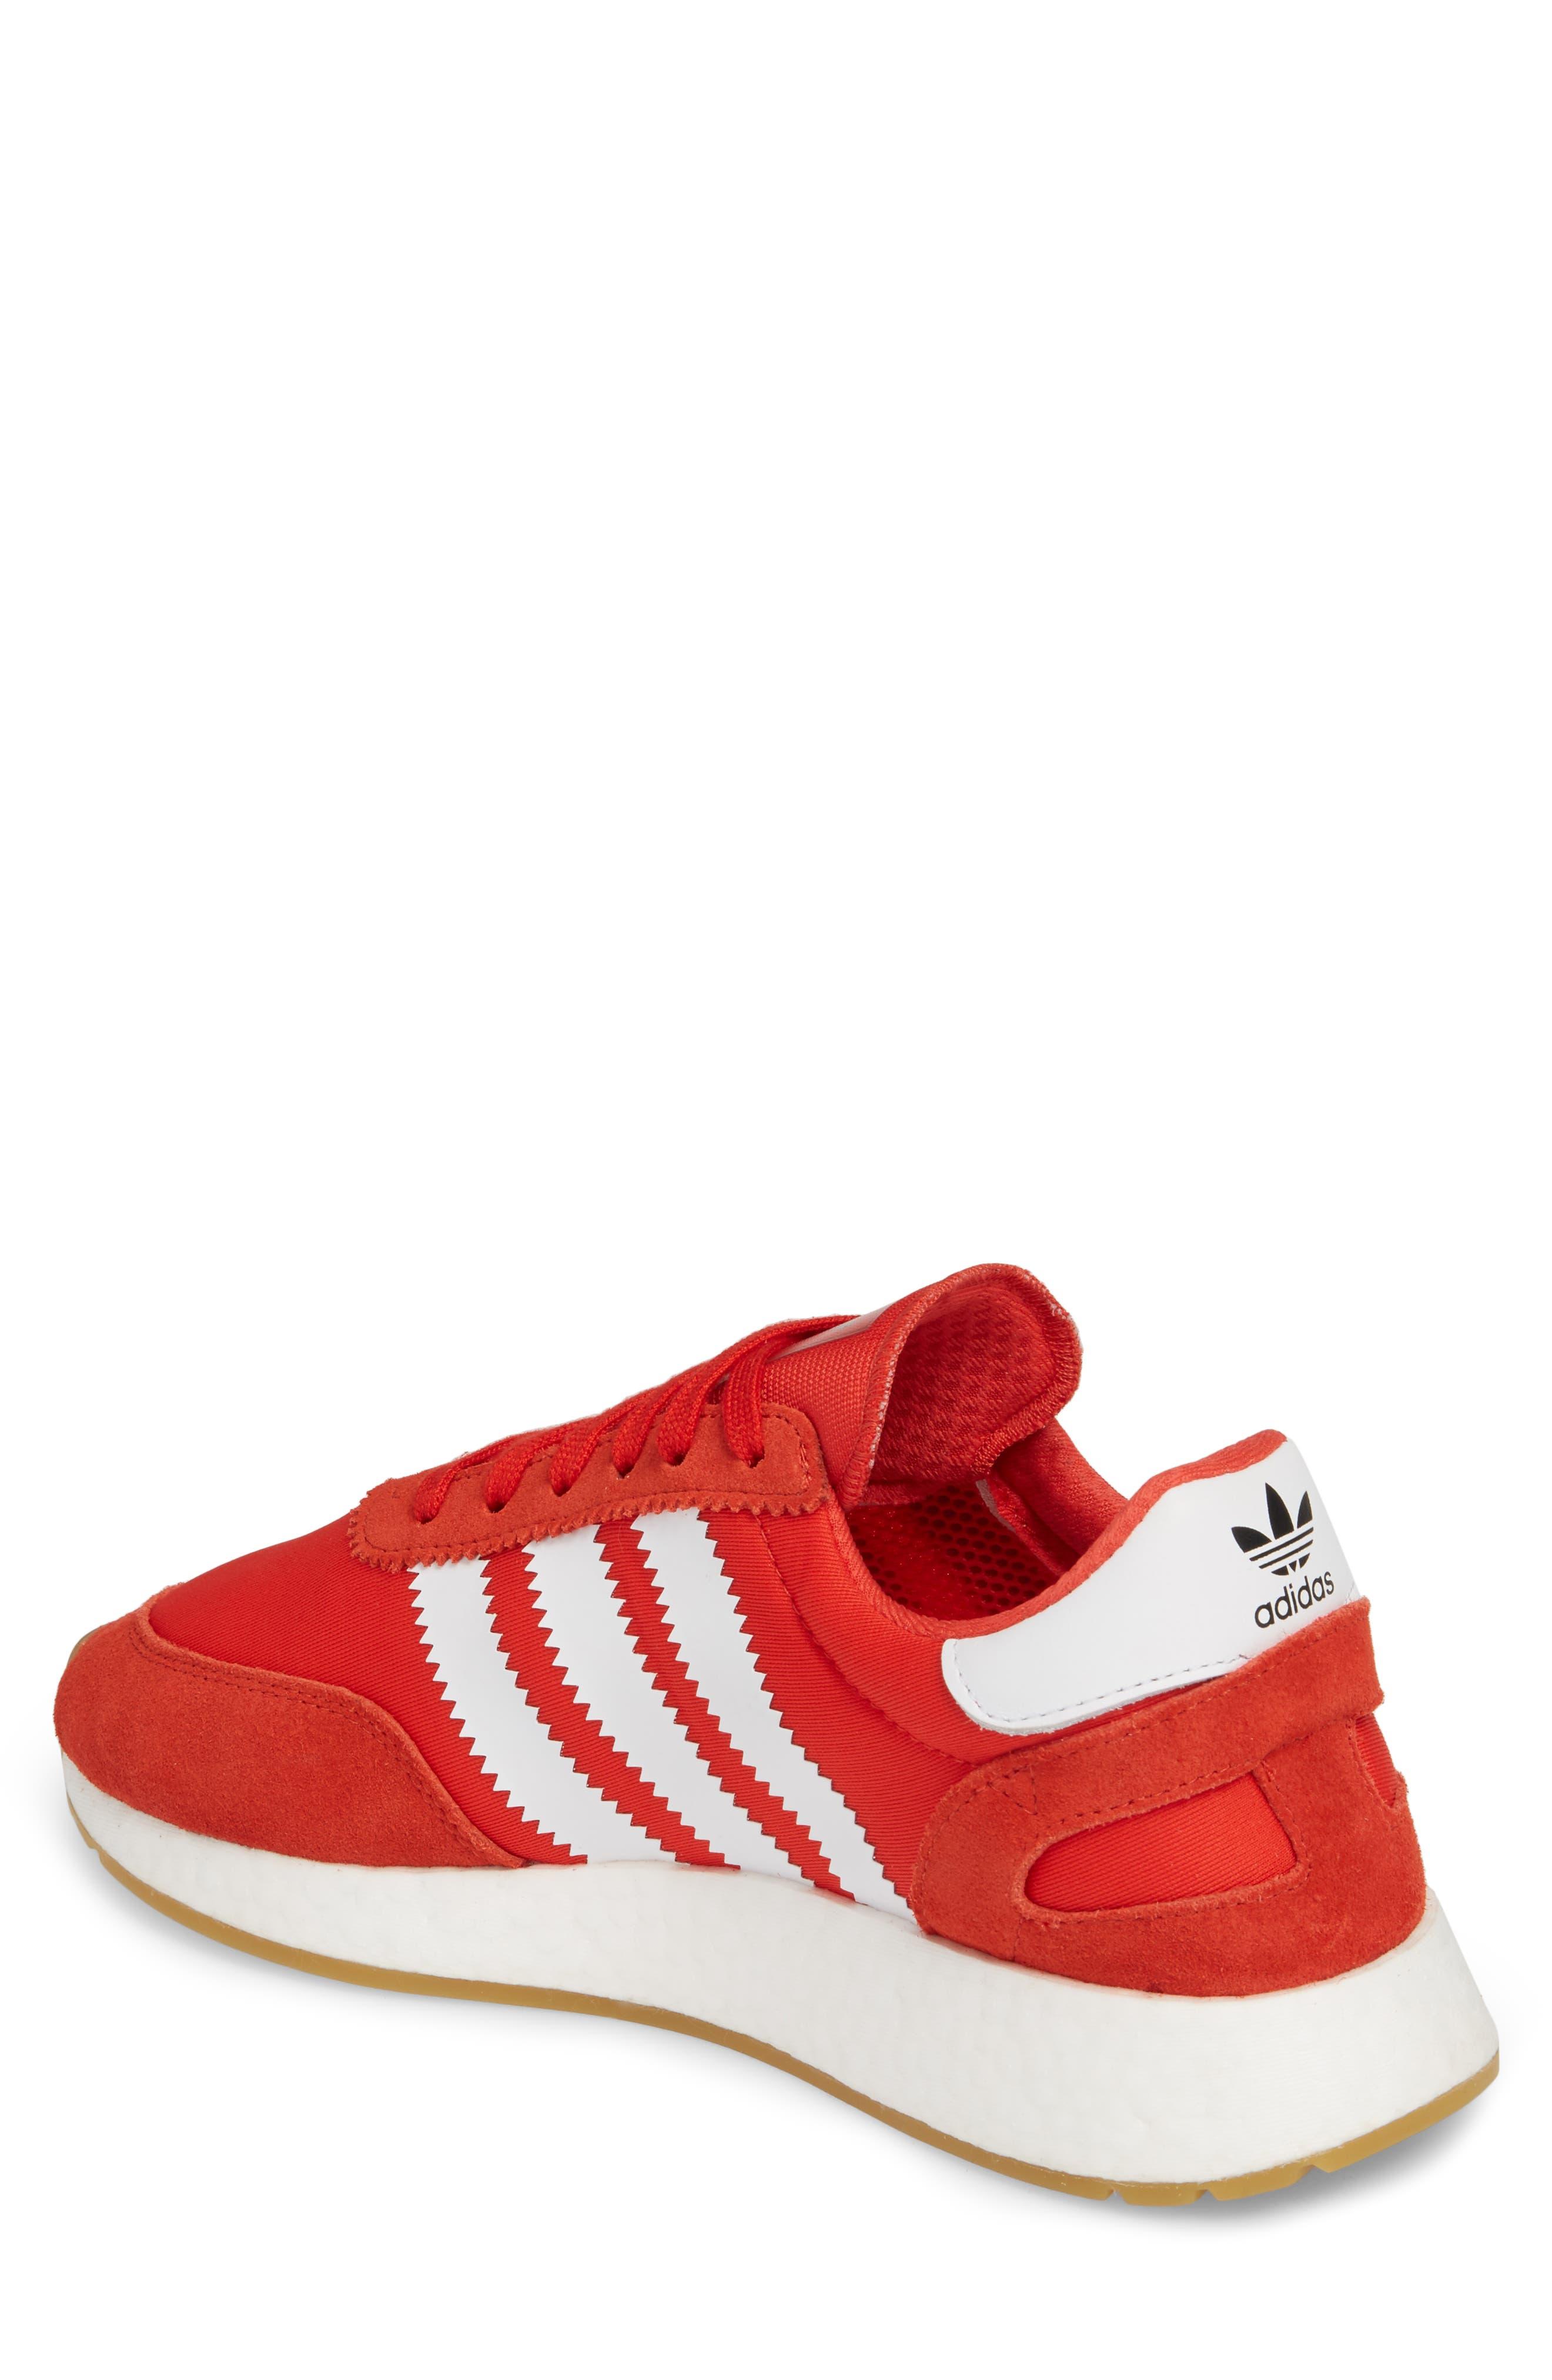 Iniki Running Shoe,                             Alternate thumbnail 2, color,                             Red/ White/ Gum